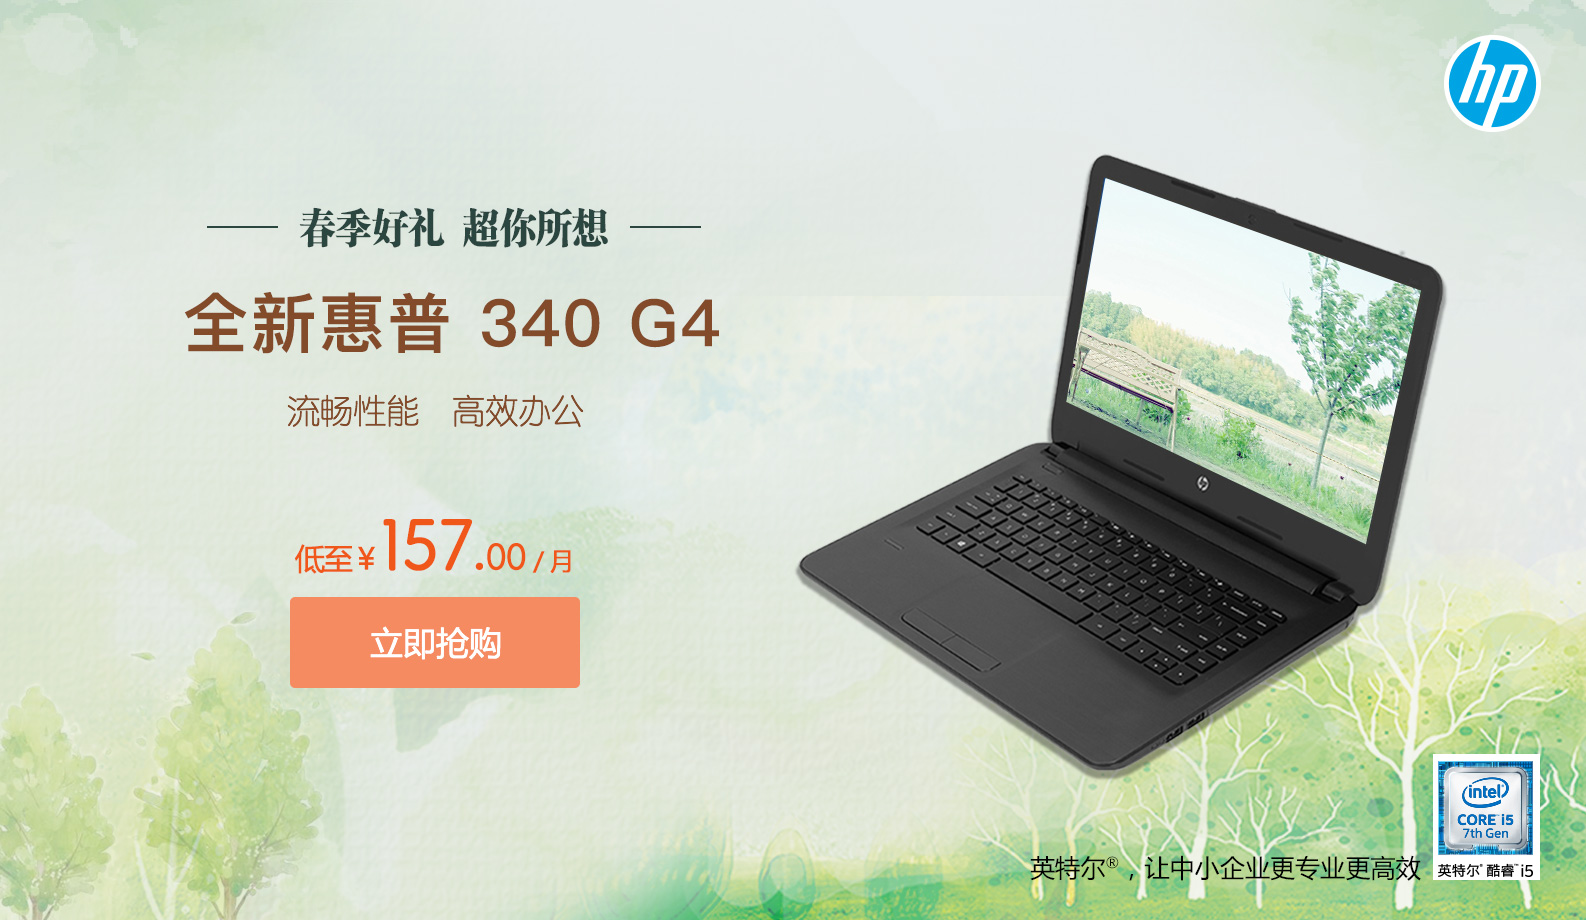 全新惠普(HP)340 G4